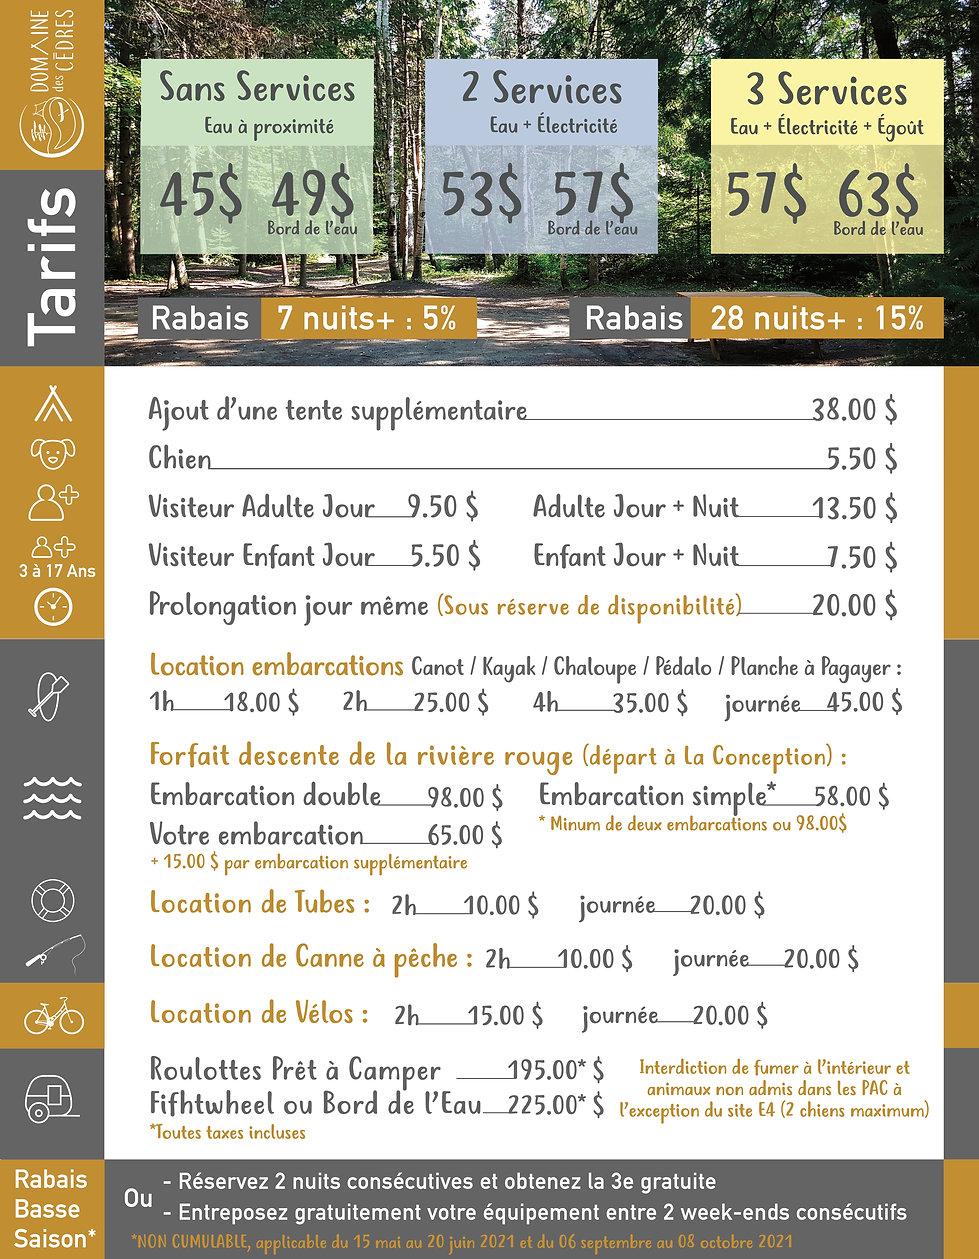 Tarifs_généraux_2021.jpg